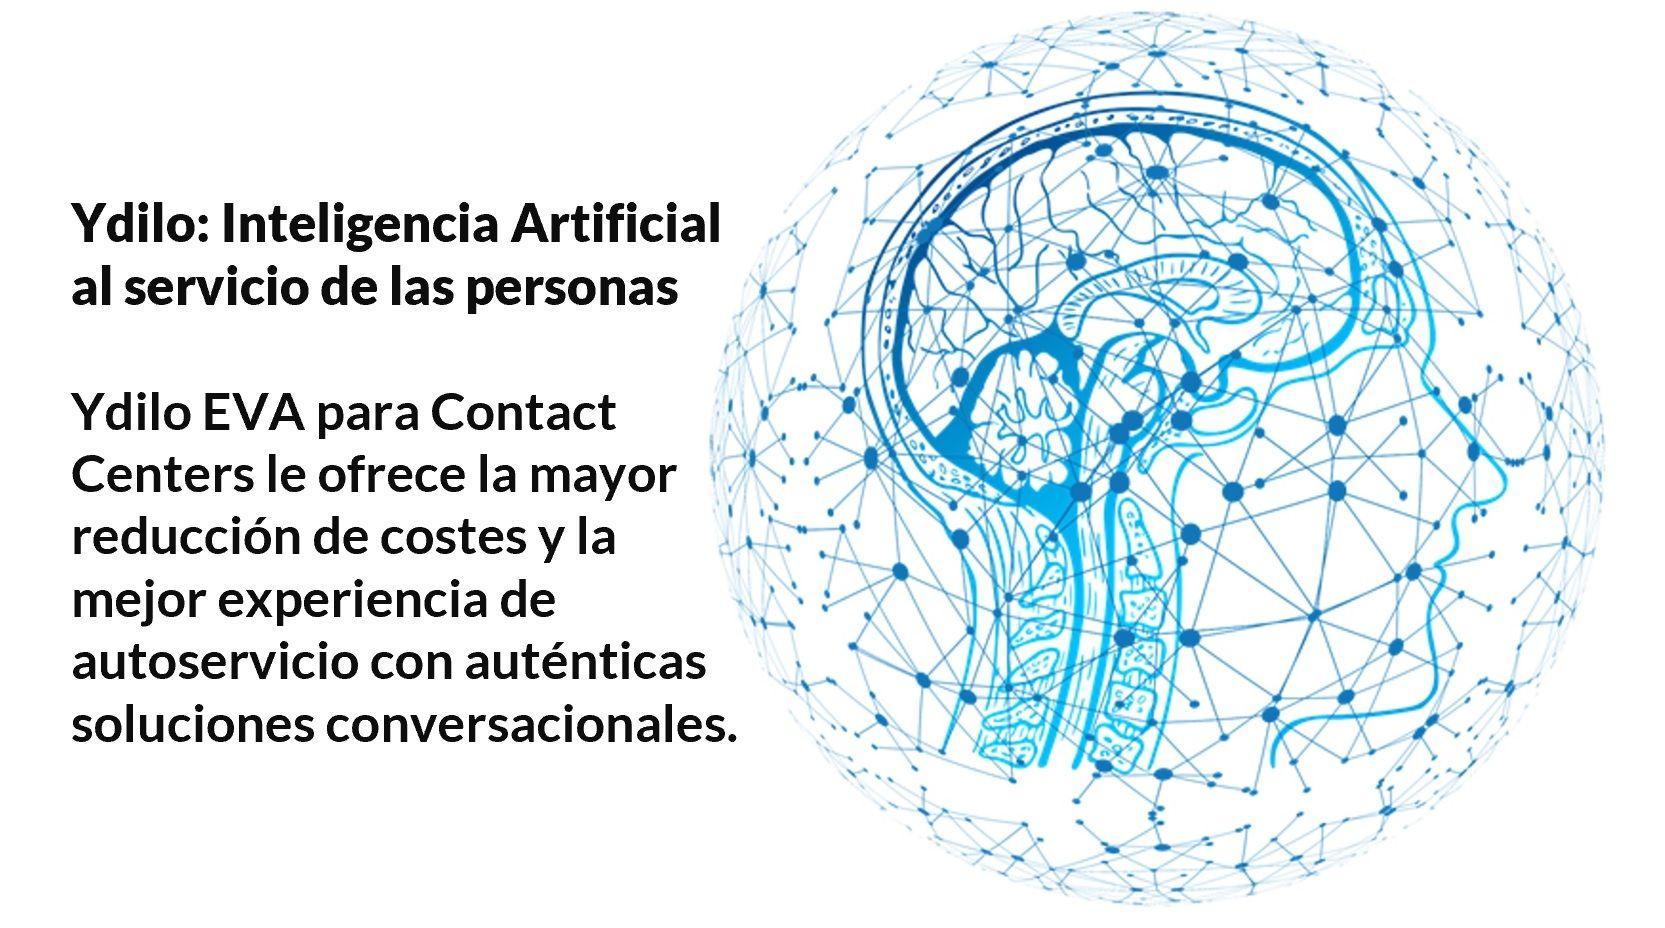 Ydilo EVA, el IVR deja paso a la Inteligencia Artificial